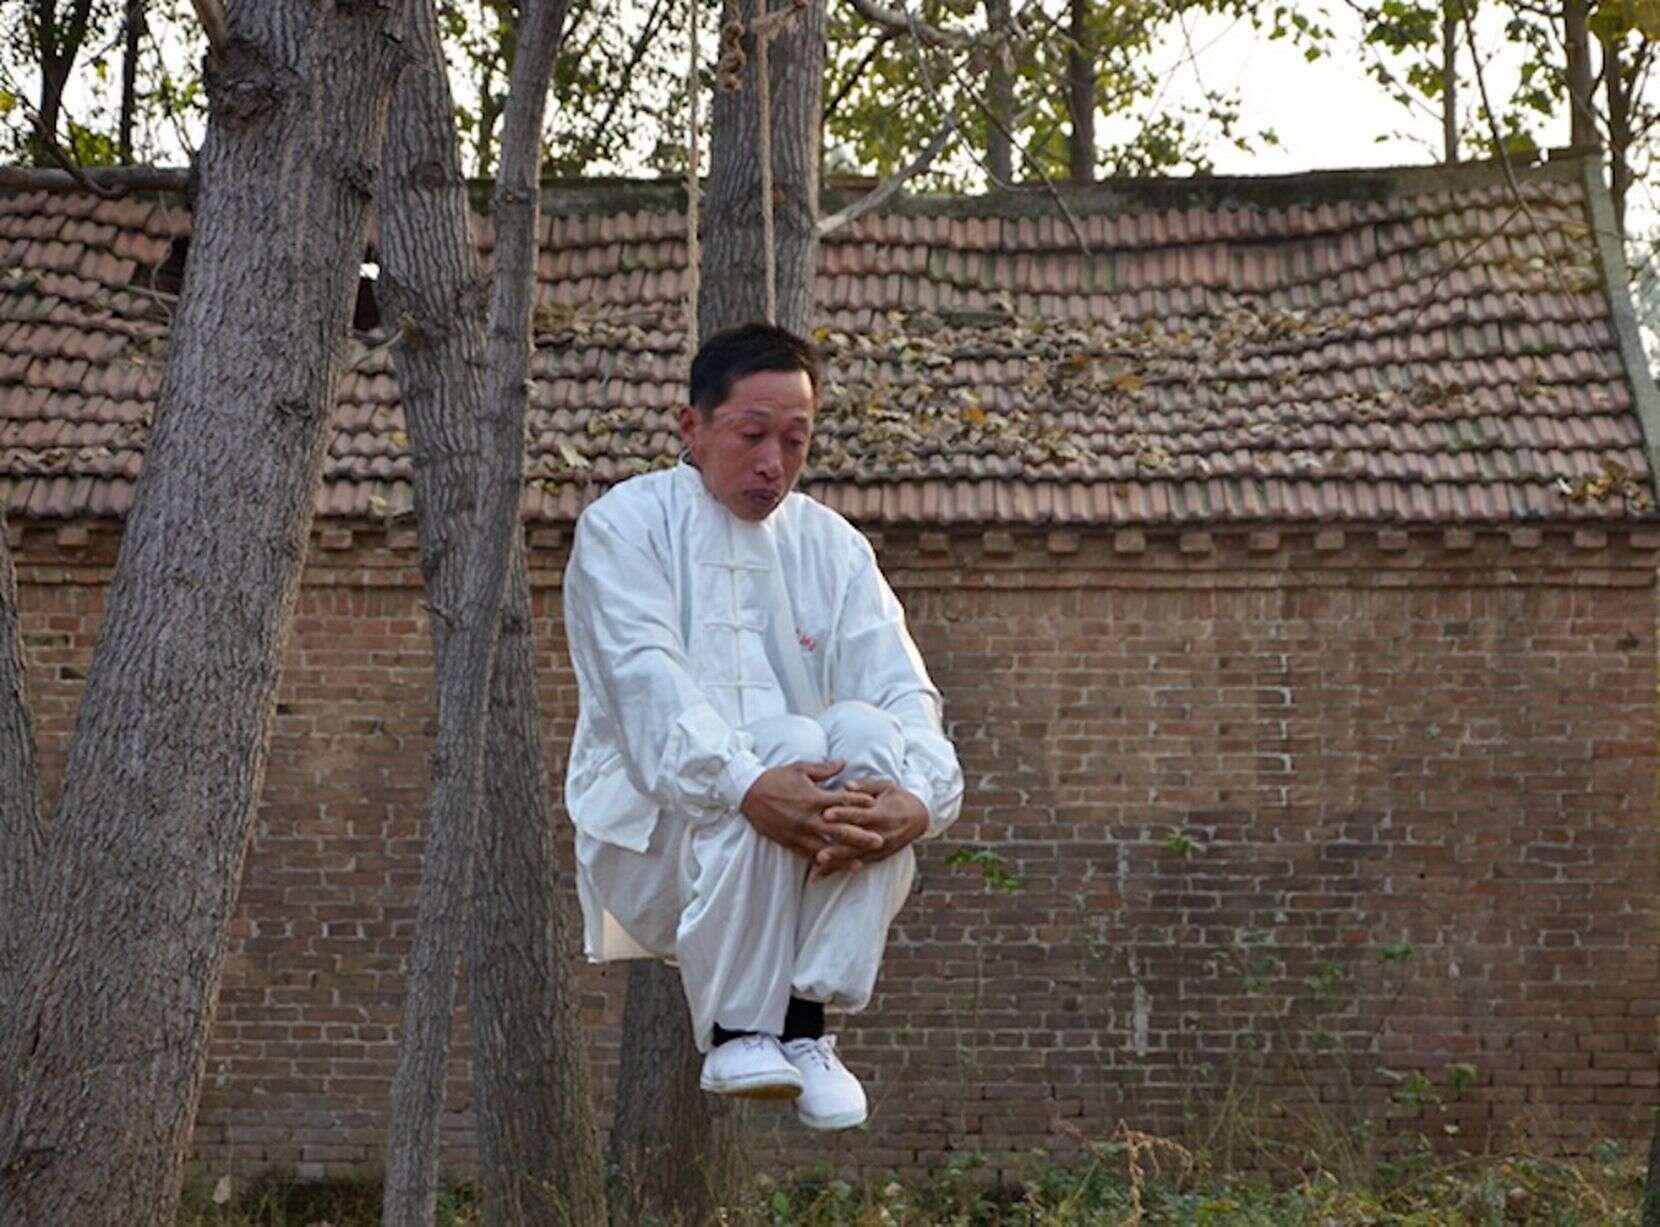 Mestre em artes marciais desafia a morte ao ser enforcado